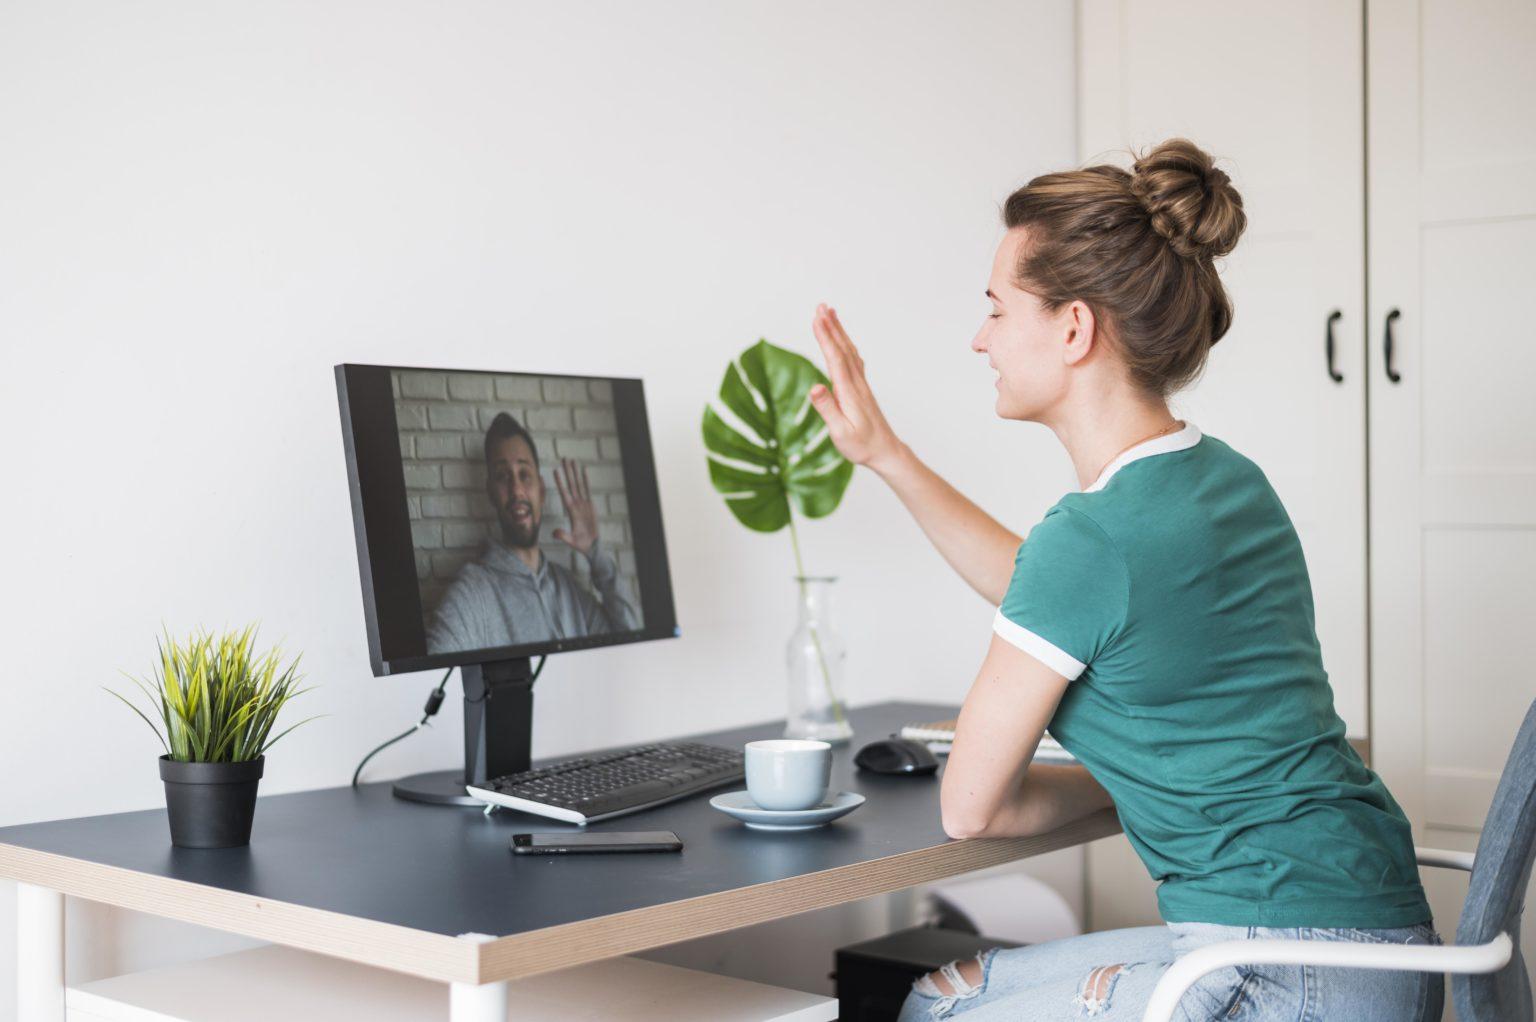 Lehrerin unterrichtet per Videokonferenz